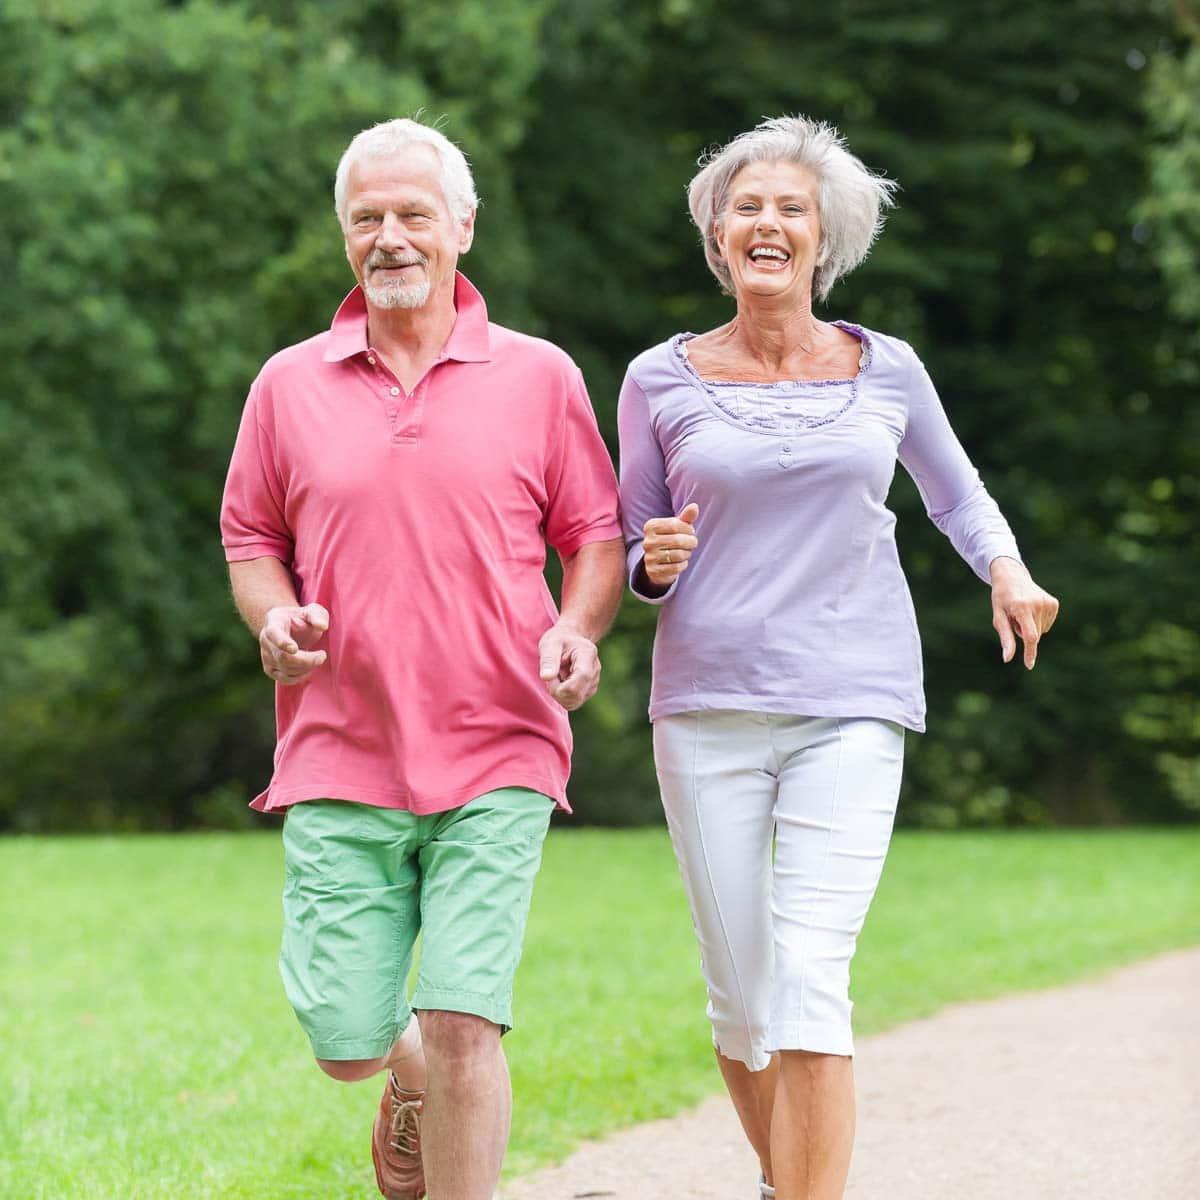 Älteres Paar am Joggen - Ursachen der Sprunggelenksarthrose